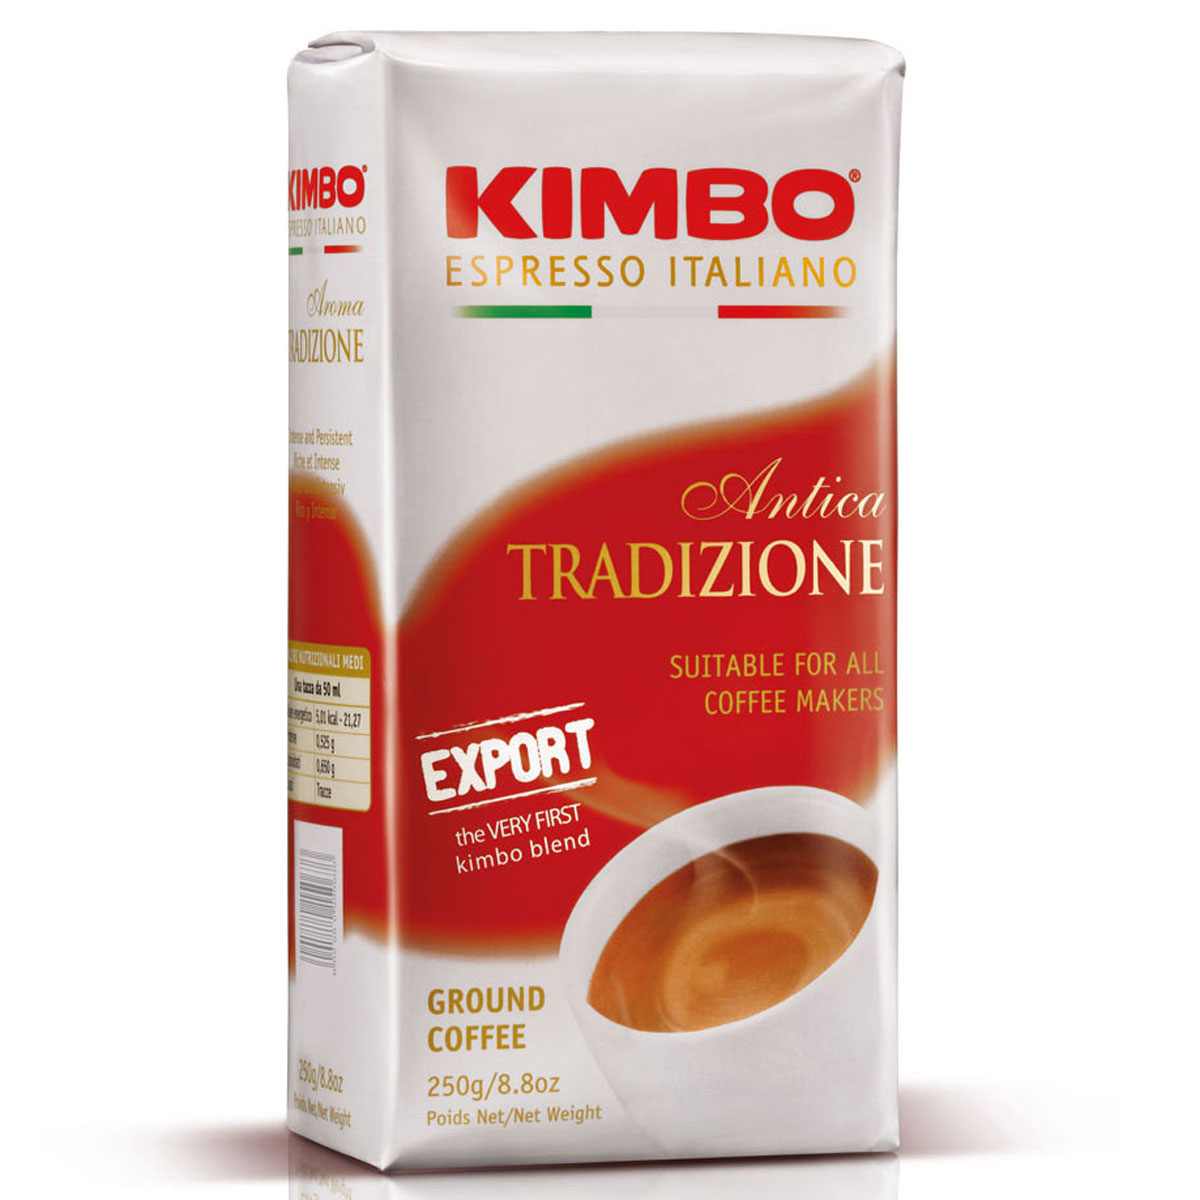 Kimbo Antica Export кофе молотый, 250 г8002200163273Натуральный жареный молотый кофе Kimbo Antica Export. Этот купаж напоминает Espresso Neapolitano, но является более мягким и чуть менее интенсивным по вкусу. Позволяет приготовить насыщенный и вкусный эспрессо. Смесь содержит 95% арабики и 5% робусты.